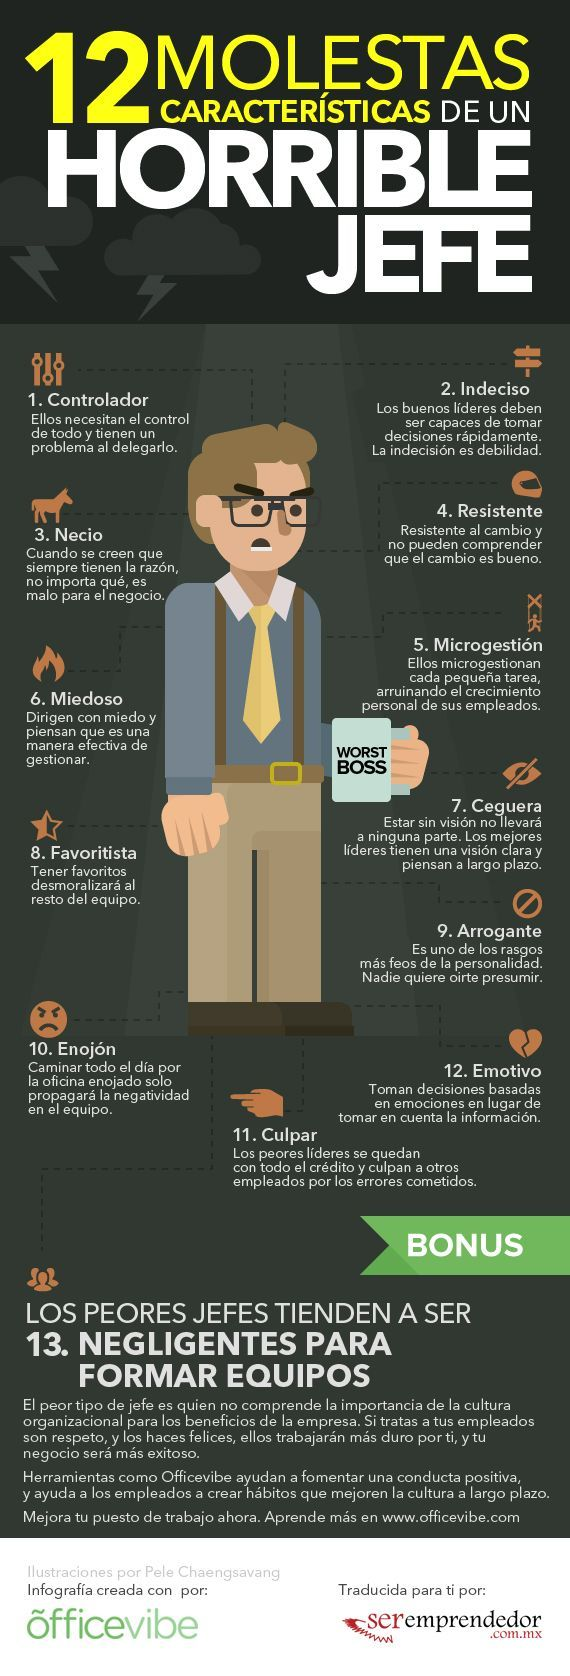 #Infografia #Curiosidades Características de un Horrible Jefe. #TAVnews: